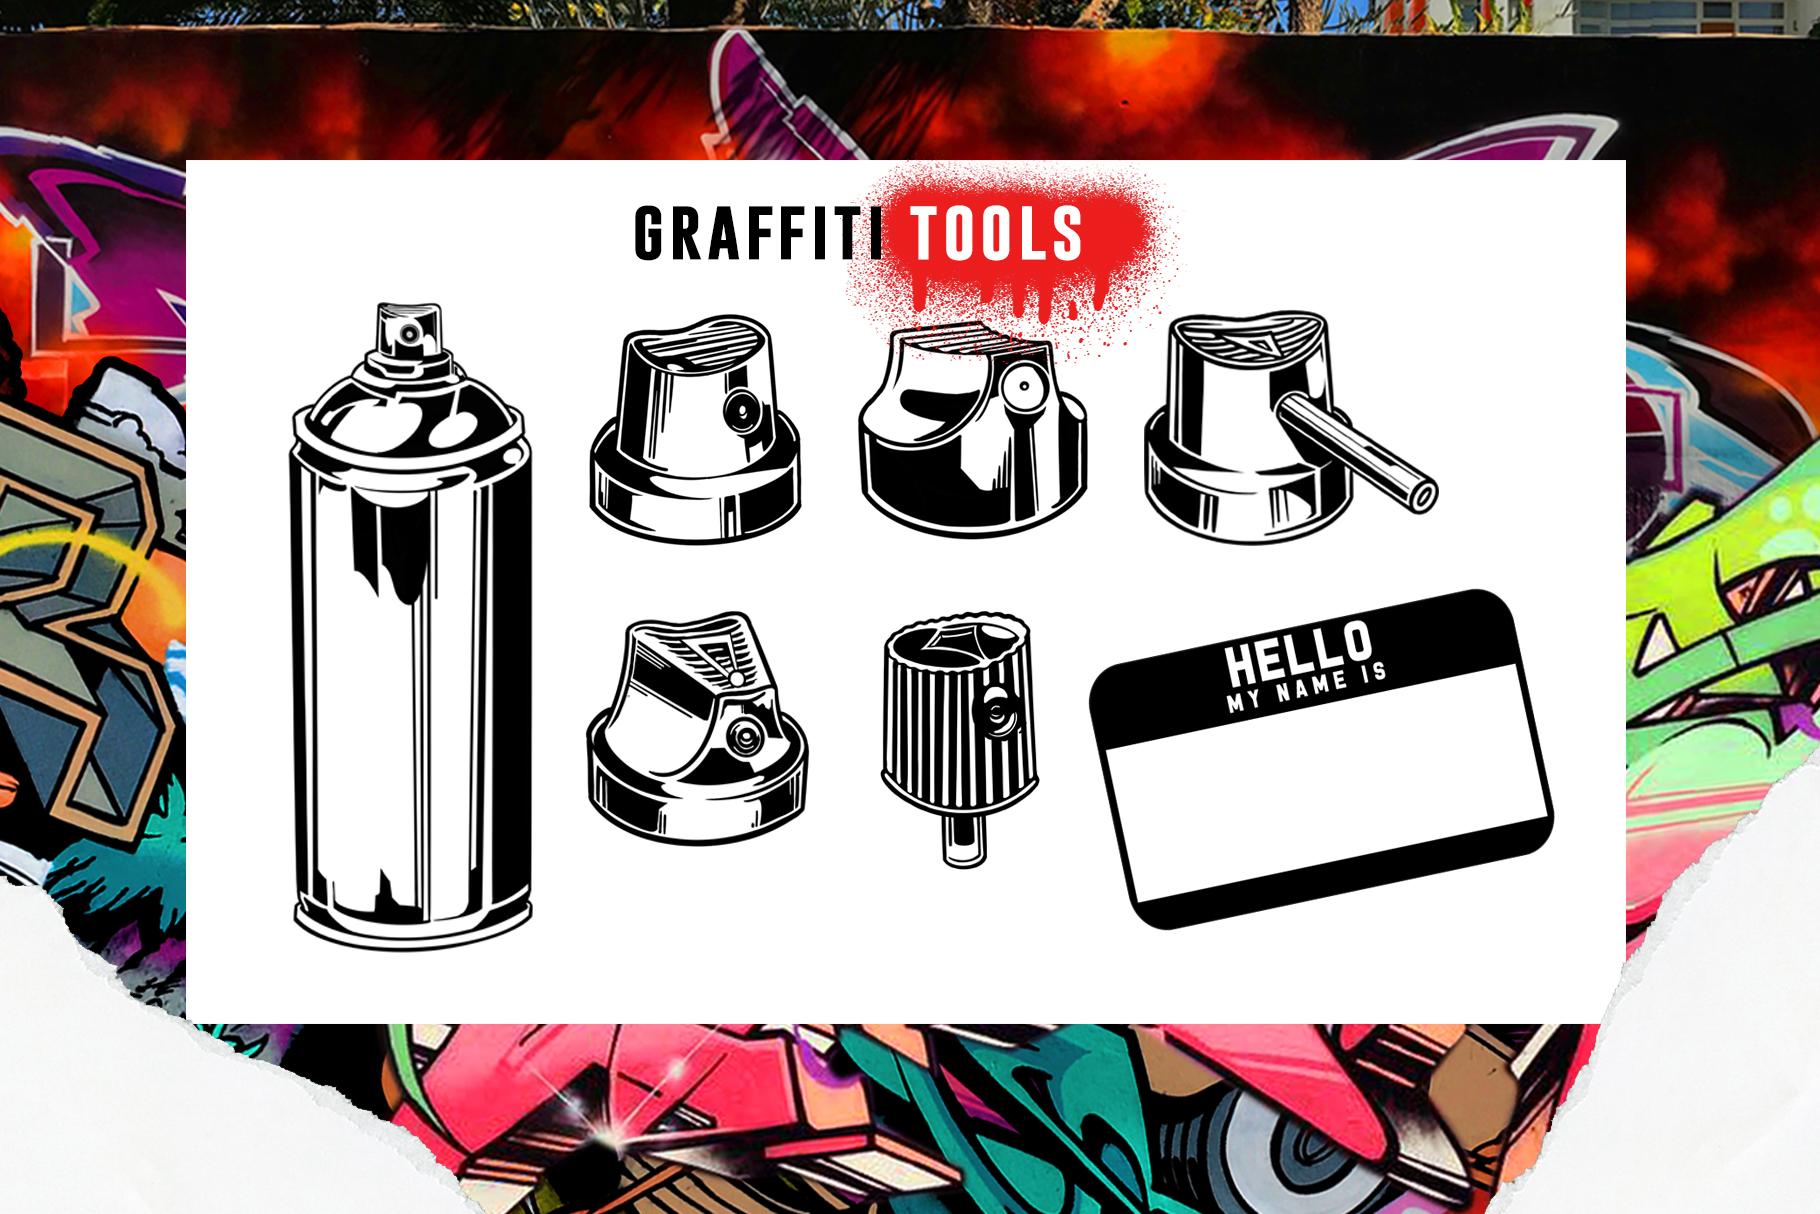 31款涂鸦效果Procreate笔刷下载 Graffiti Bombing Procreate Brush Kit插图(3)